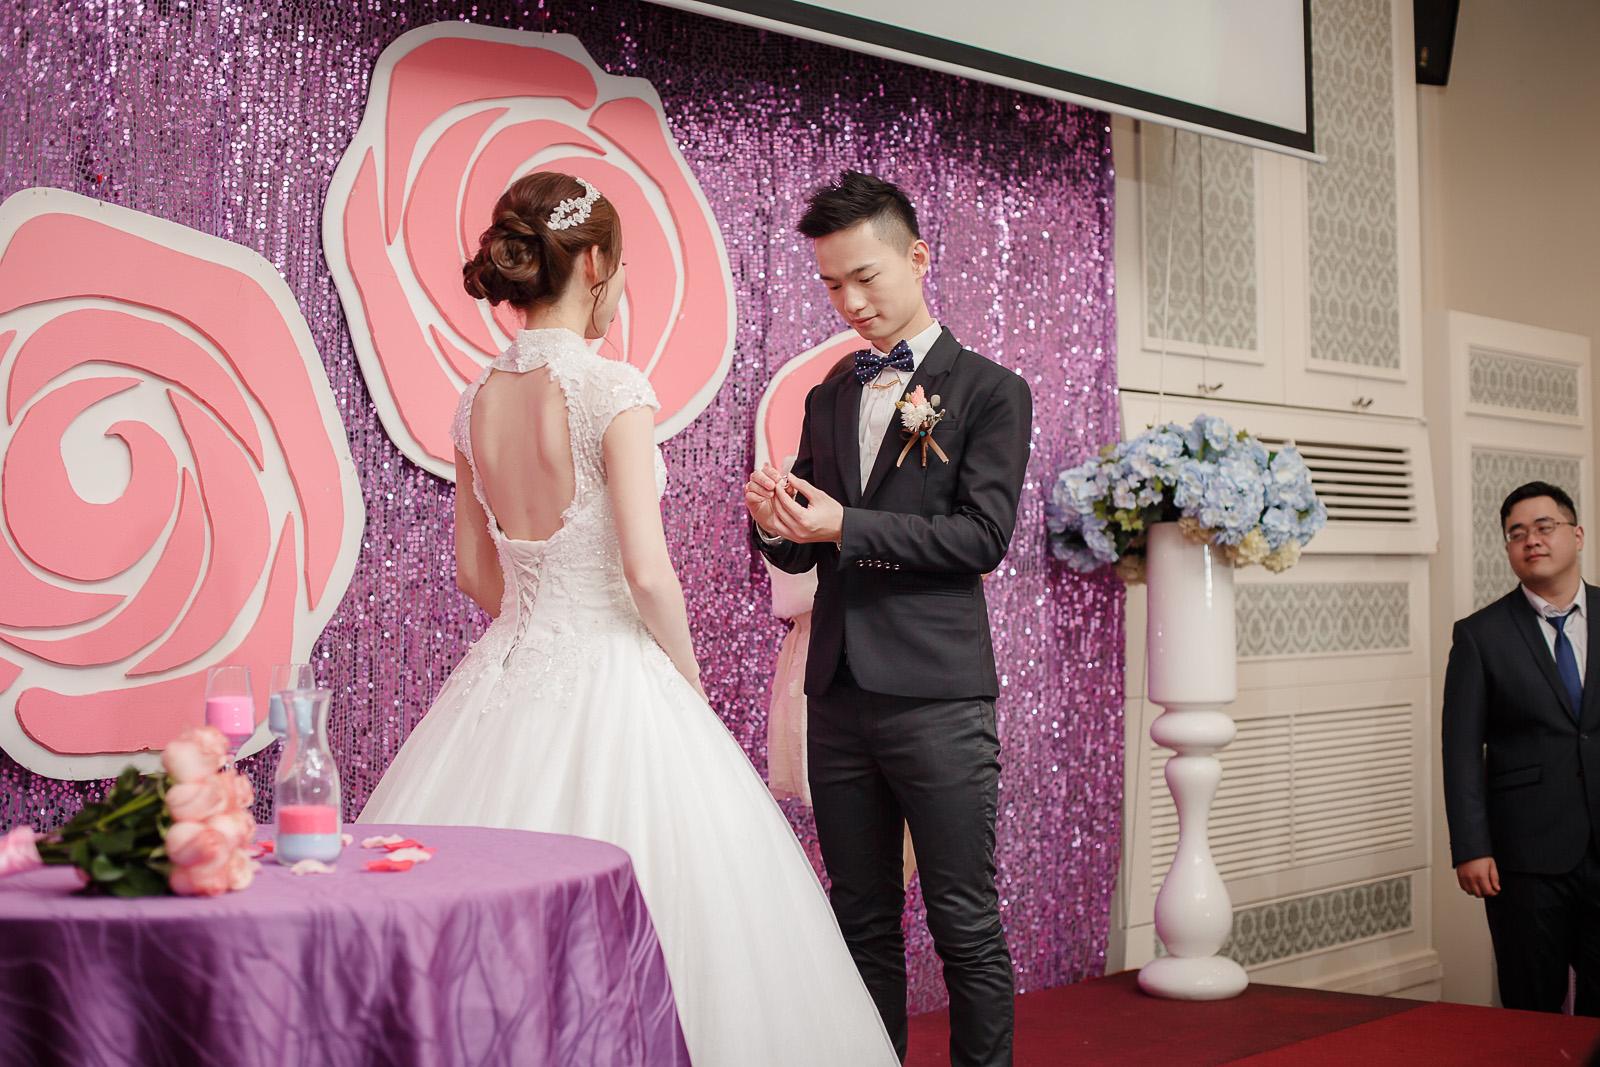 高雄圓山飯店,婚禮攝影,婚攝,高雄婚攝,優質婚攝推薦,Jen&Ethan-255